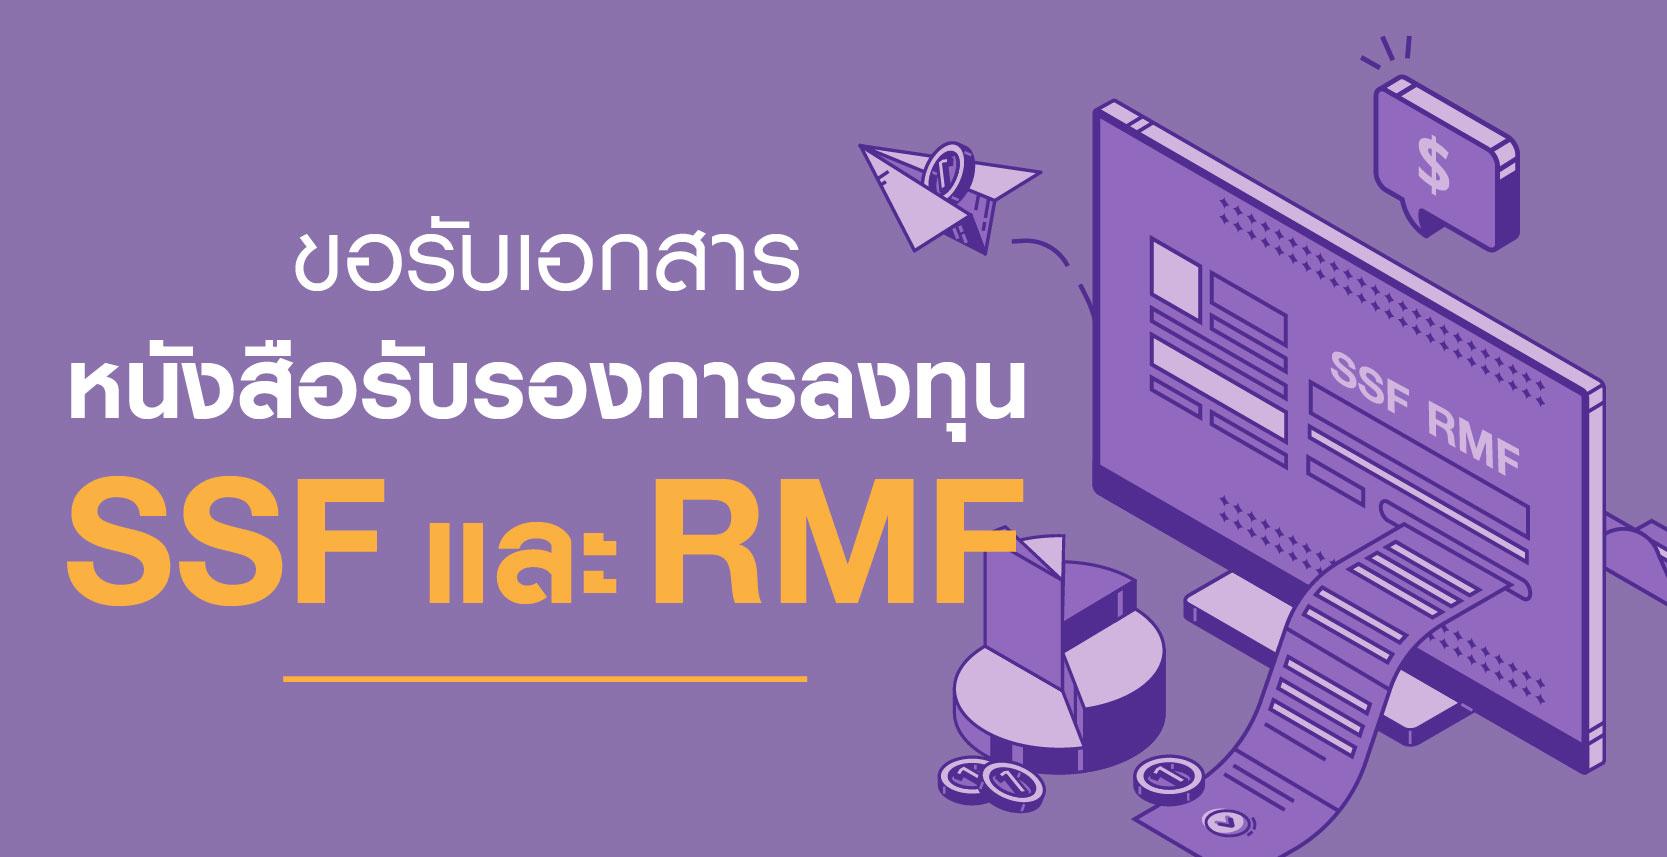 ขอรับหนังสือรับรองการลงทุน SSF และ RMF